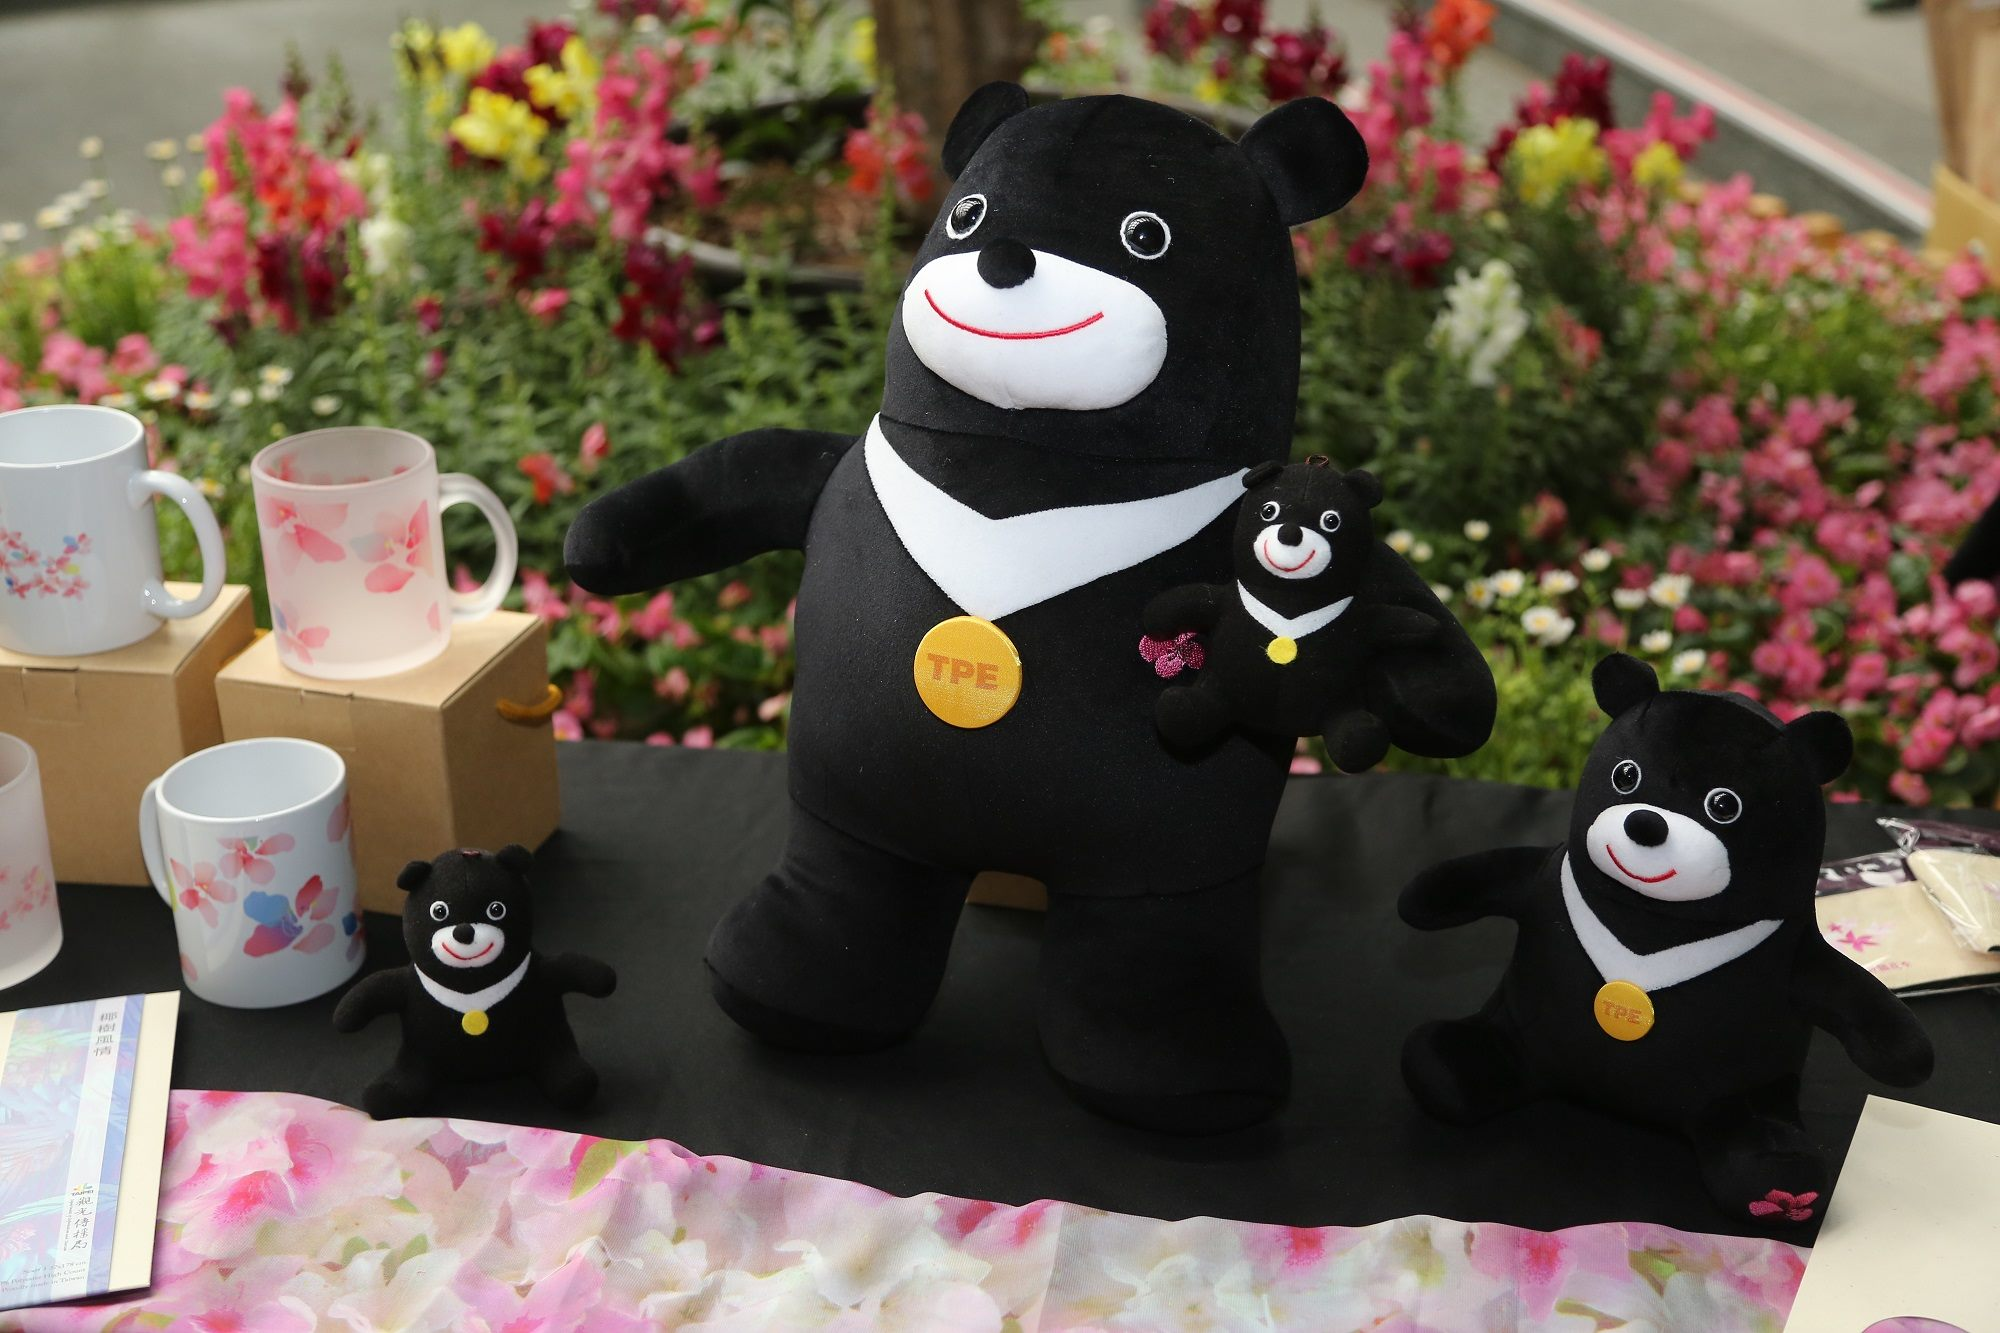 台北杜鵑花季推出限量「花漾熊讚」,大中小熊三種尺寸非常可愛